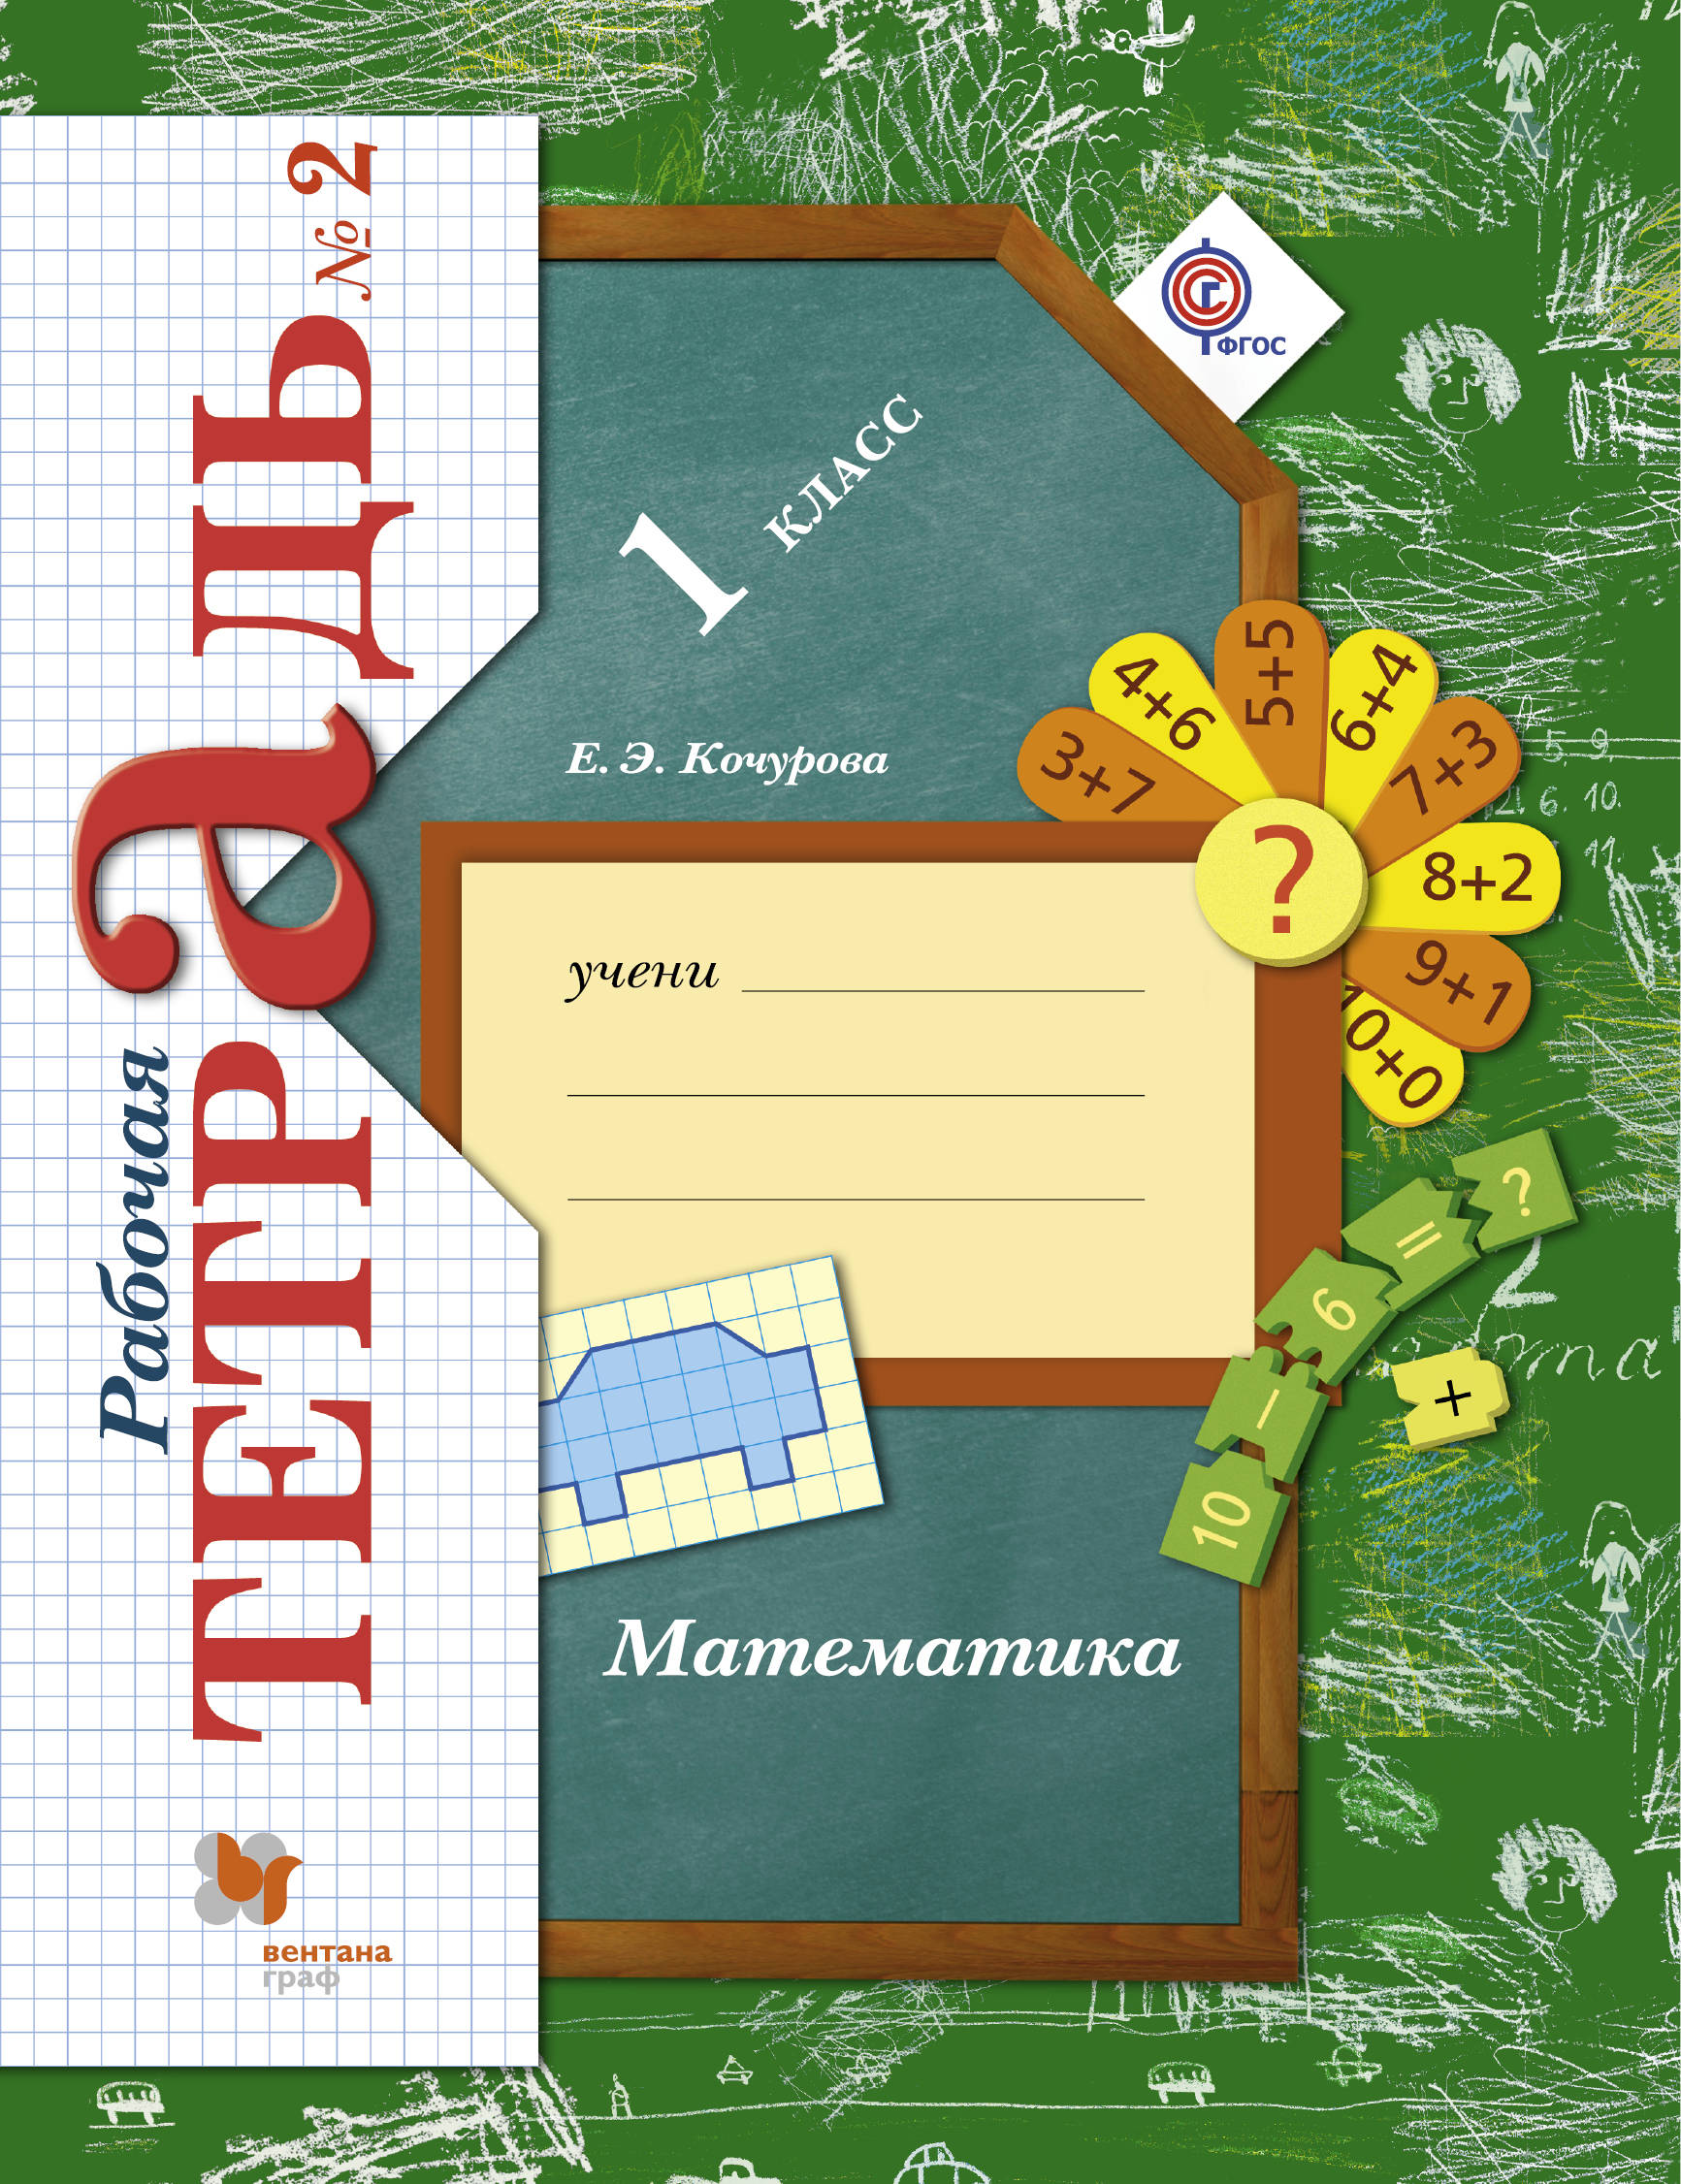 Е. А. Кочурова Математика. 1класс. Рабочая тетрадь №2 минаева с зяблова е математика 2 класс рабочая тетрадь 2